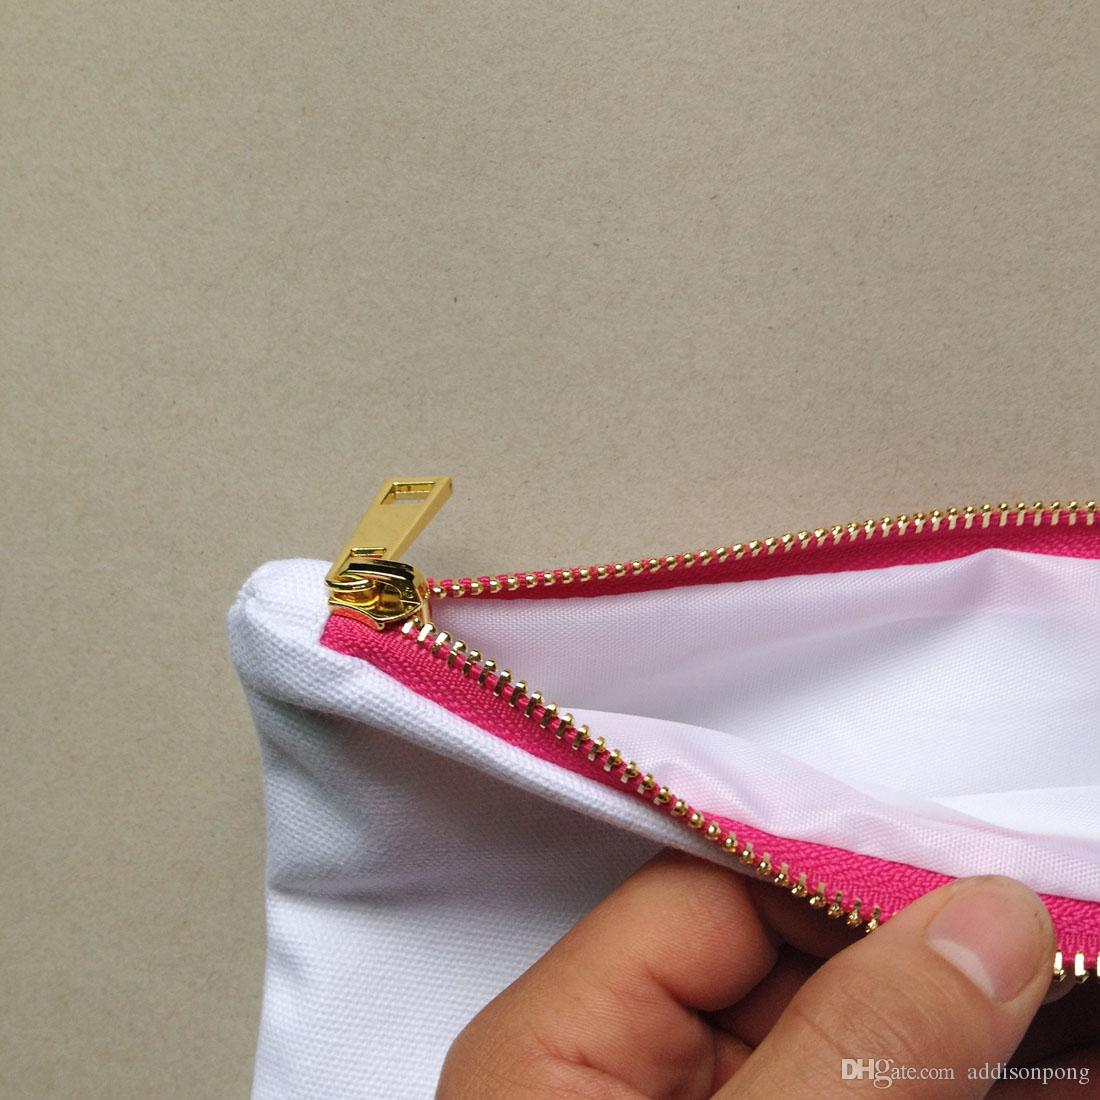 pianura tela di cotone vuote compongono il sacchetto con rivestimento superiore zip oro qualità 7x10in sacchetto di colore toilette solida vernice di DIY / stampa in bianco / bianco / avorio